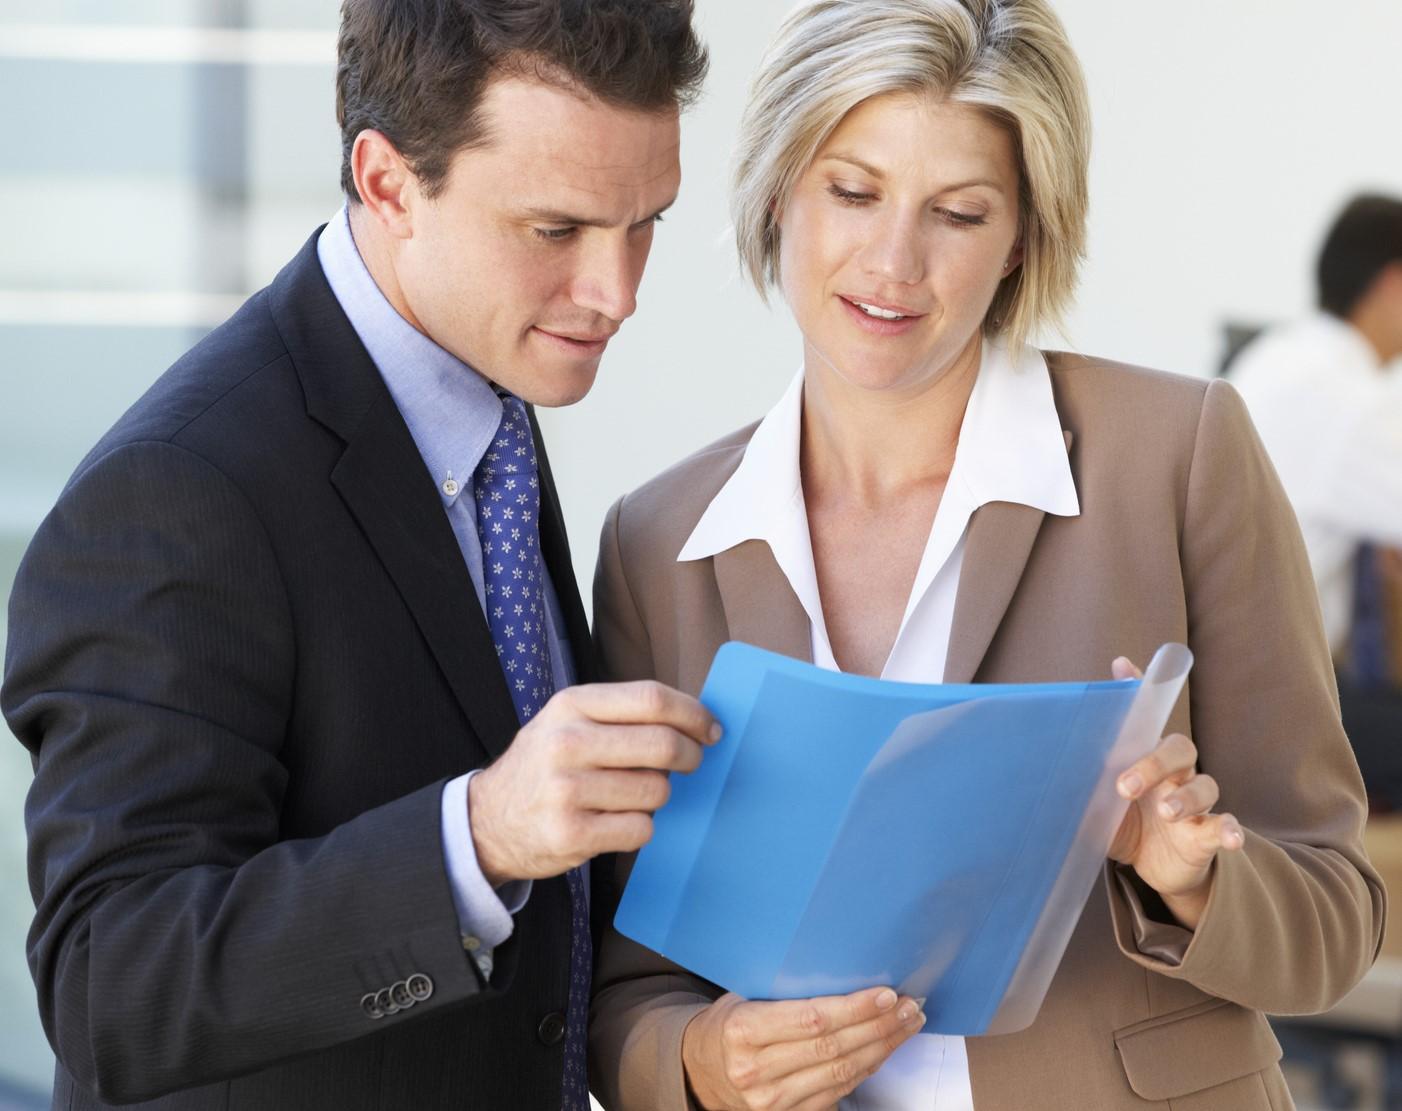 Group & Employee Benefits